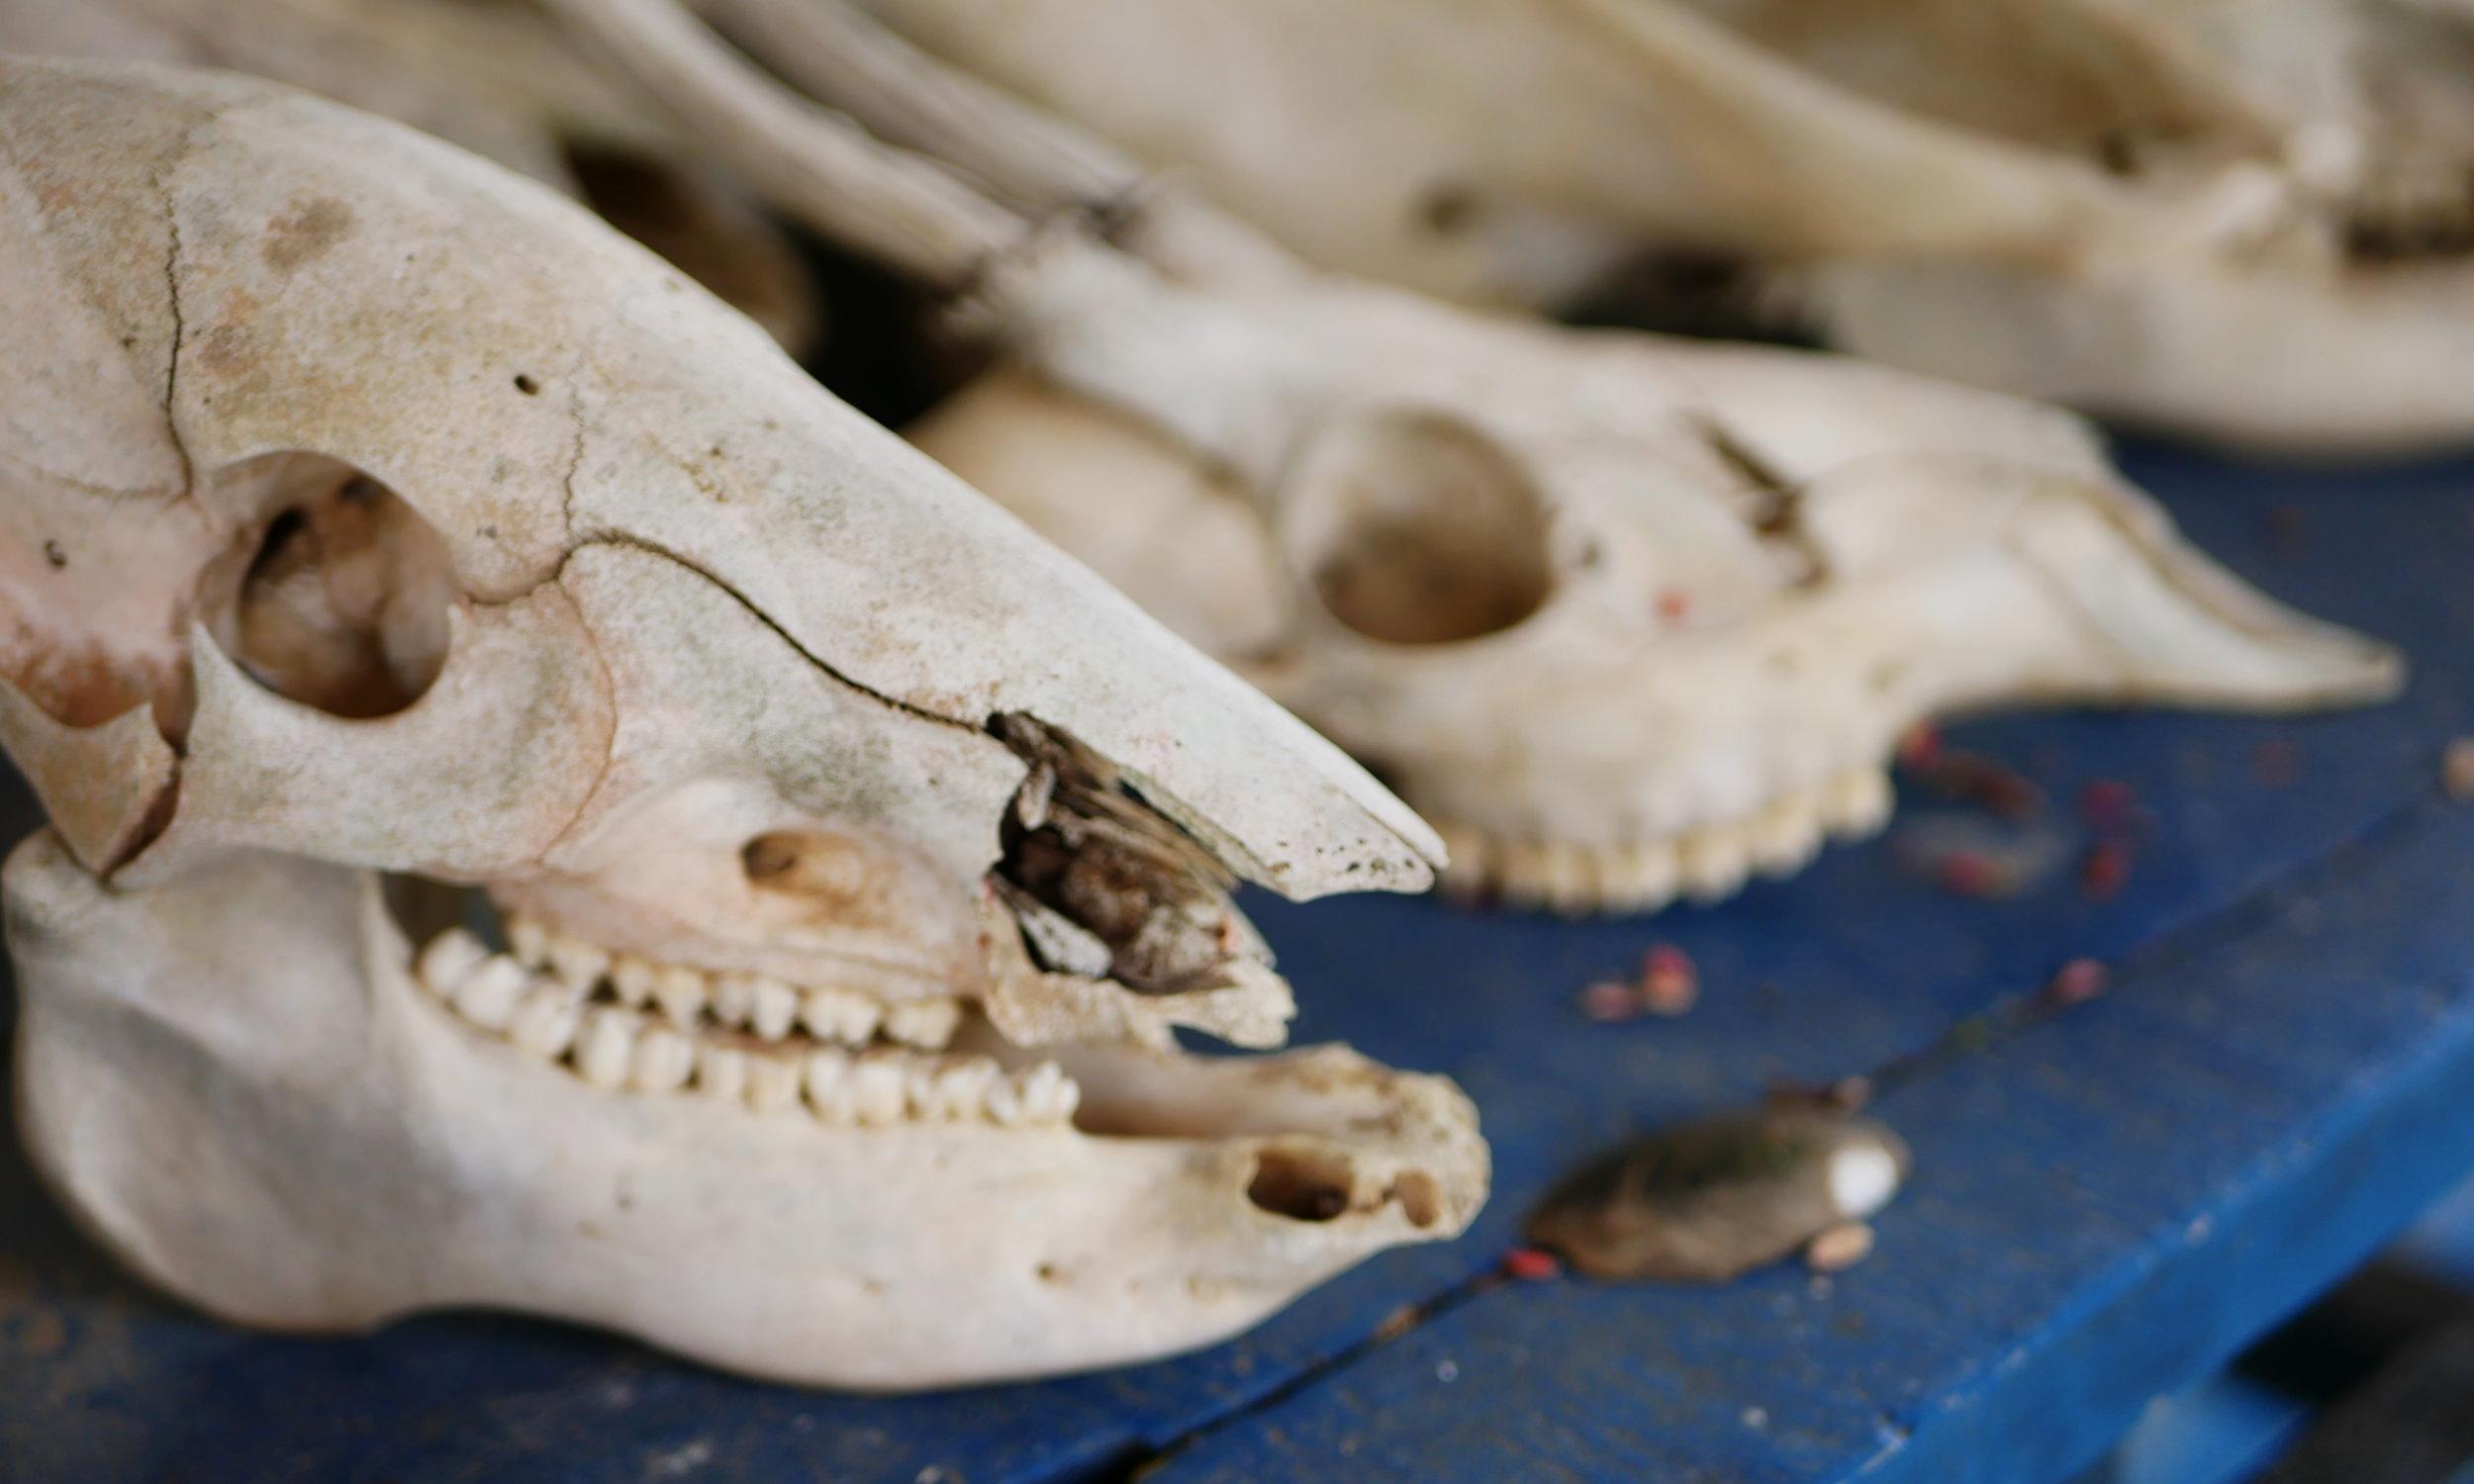 Cow skeletons at the Pousada (hostel) Rio Clarinho